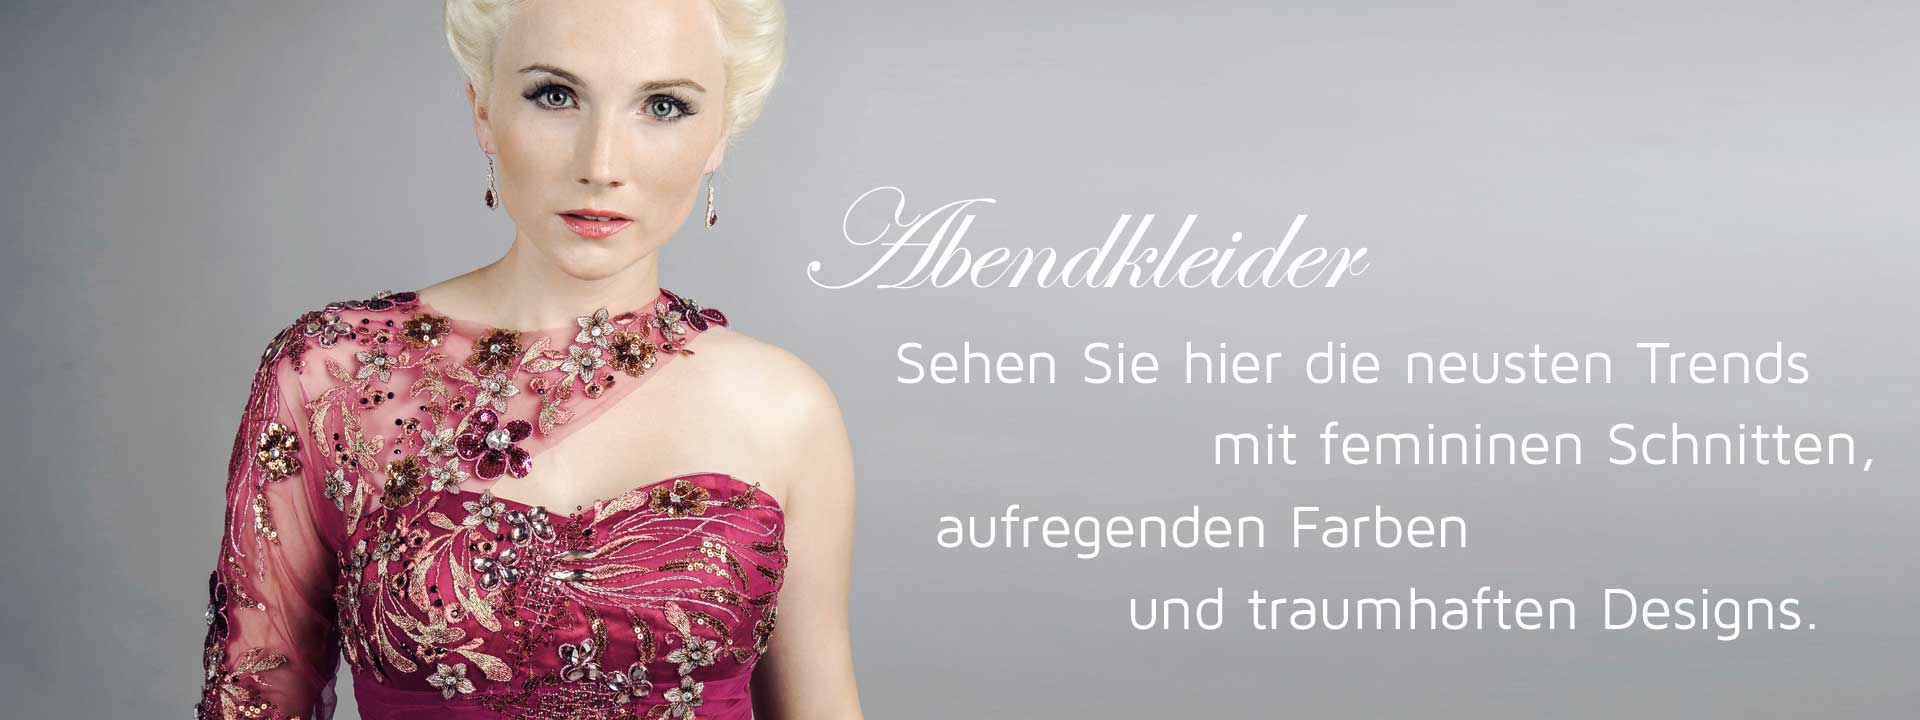 Gunstige Brautkleider Online Kaufen Bei Der Modemarke Taubenweiss